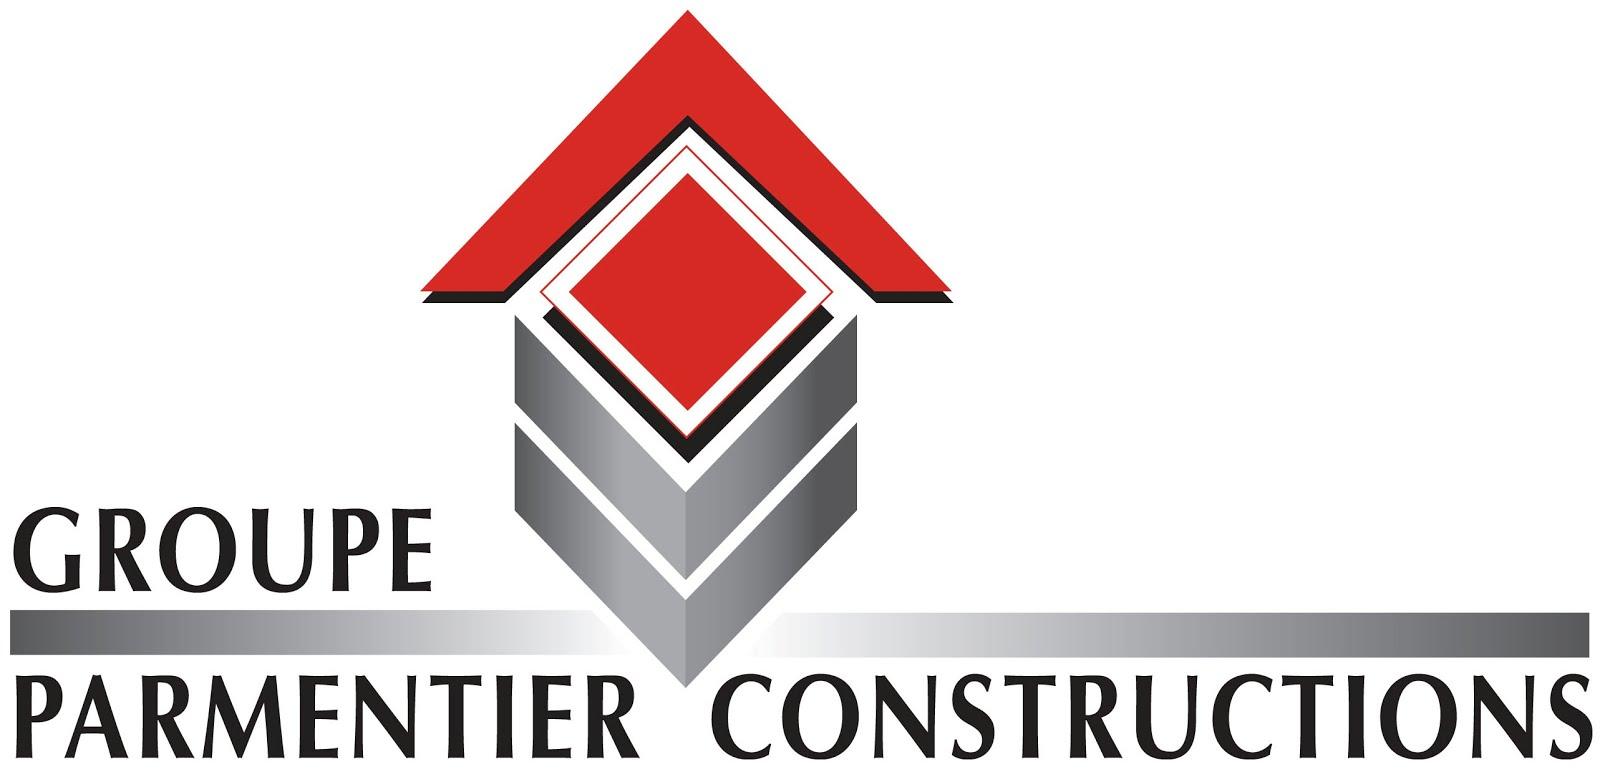 Groupe Parmentier Constructions